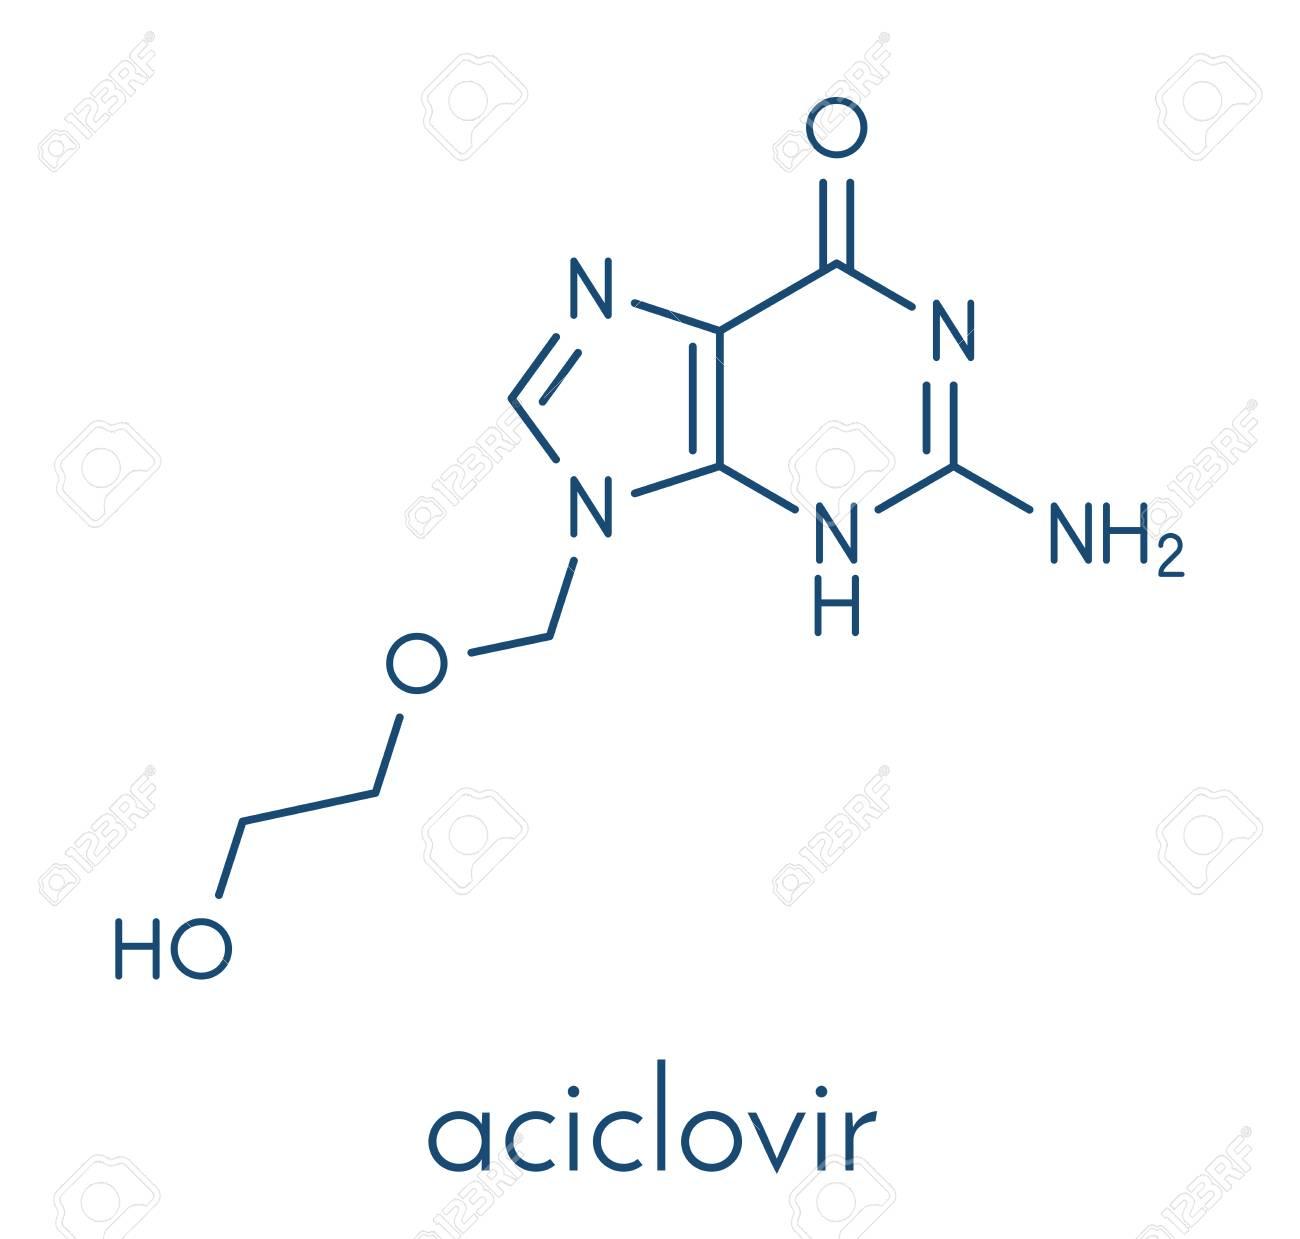 aciclovir (acyclovir) antiviral drug molecule  used in treatment of herpes  simplex virus (